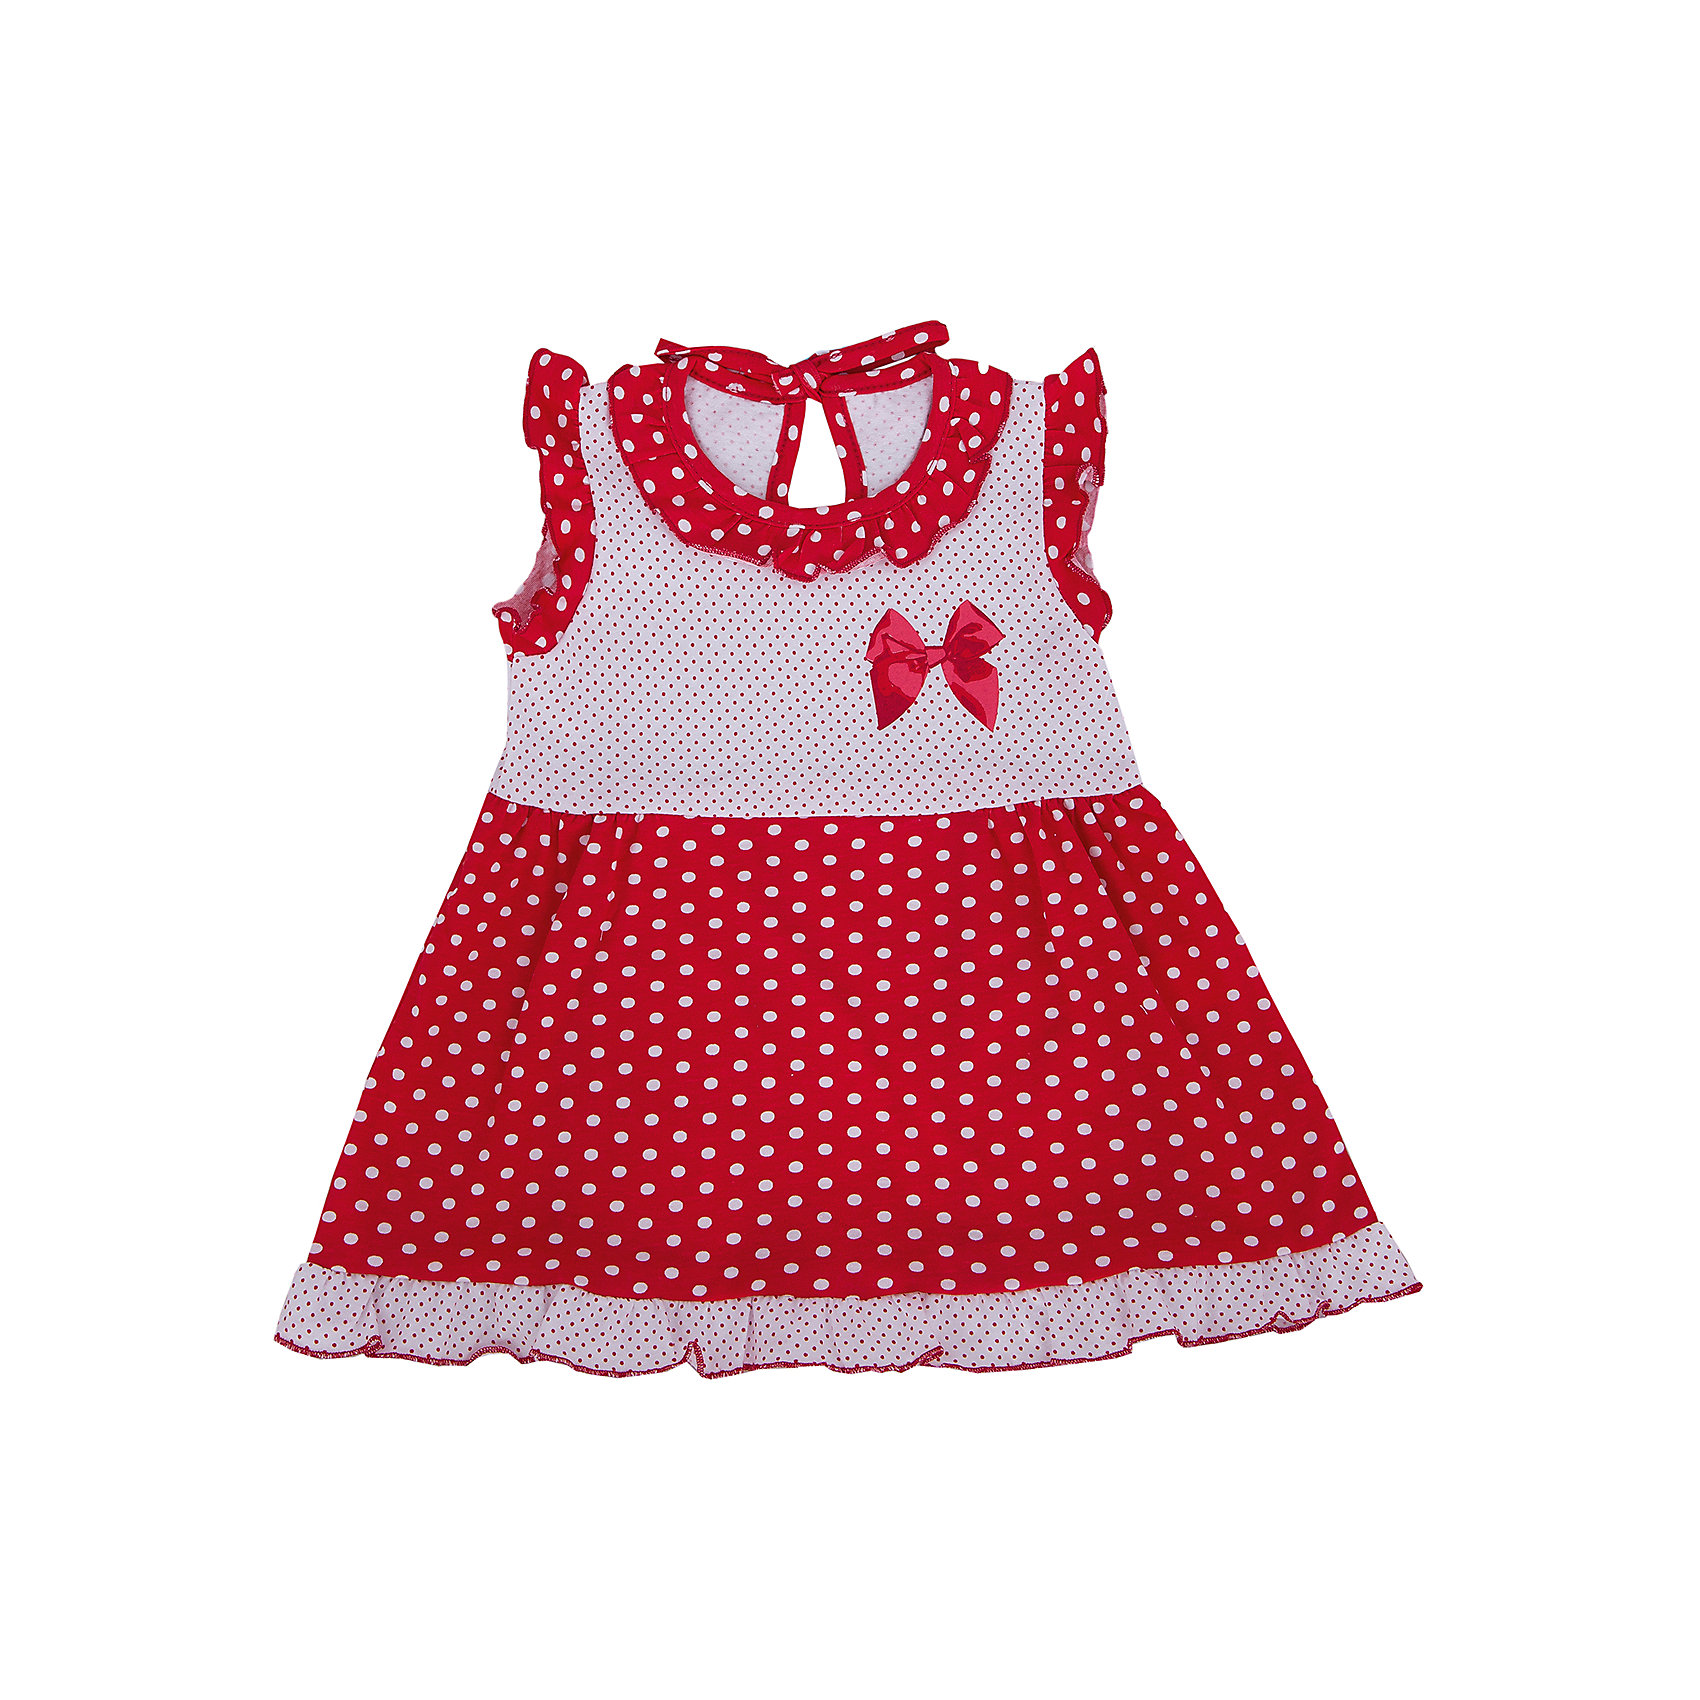 Платье АпрельПлатья<br>Платье коллекции Платья для малышек от торговой марки Апрель будет  очень мило смотреться на Вашей девочке! Благодаря оригинальному решению дизайнеров платье из данной коллекции выглядет  опрятно и красиво. Пошито из натурального ,качественного хлопка, и поэтому устойчиво к стирке, гипоаллергенное,  хорошая пропускаемость воздуха. <br><br>Дополнительная информация:<br><br>- состав:  100% хлопок <br>- уход: ручная или машинная стирка при температуре не более 40°с.<br>- цвета-  горох на красном  бантик<br>- ткань: кулир<br>- особенности ткани: мягкая<br>- материал подкладки: хлопок<br>- сезон: лето<br>- пол: девочки<br>- фирма-производитель: Апрель<br>- страна-производитель: Россия<br><br>Платье коллекции Платья для малышек от торговой марки Апрель можно купить в нашем интернет-магазине.<br><br>Ширина мм: 236<br>Глубина мм: 16<br>Высота мм: 184<br>Вес г: 177<br>Цвет: красно-белый<br>Возраст от месяцев: 12<br>Возраст до месяцев: 15<br>Пол: Женский<br>Возраст: Детский<br>Размер: 80,98,86,92,74<br>SKU: 4630567